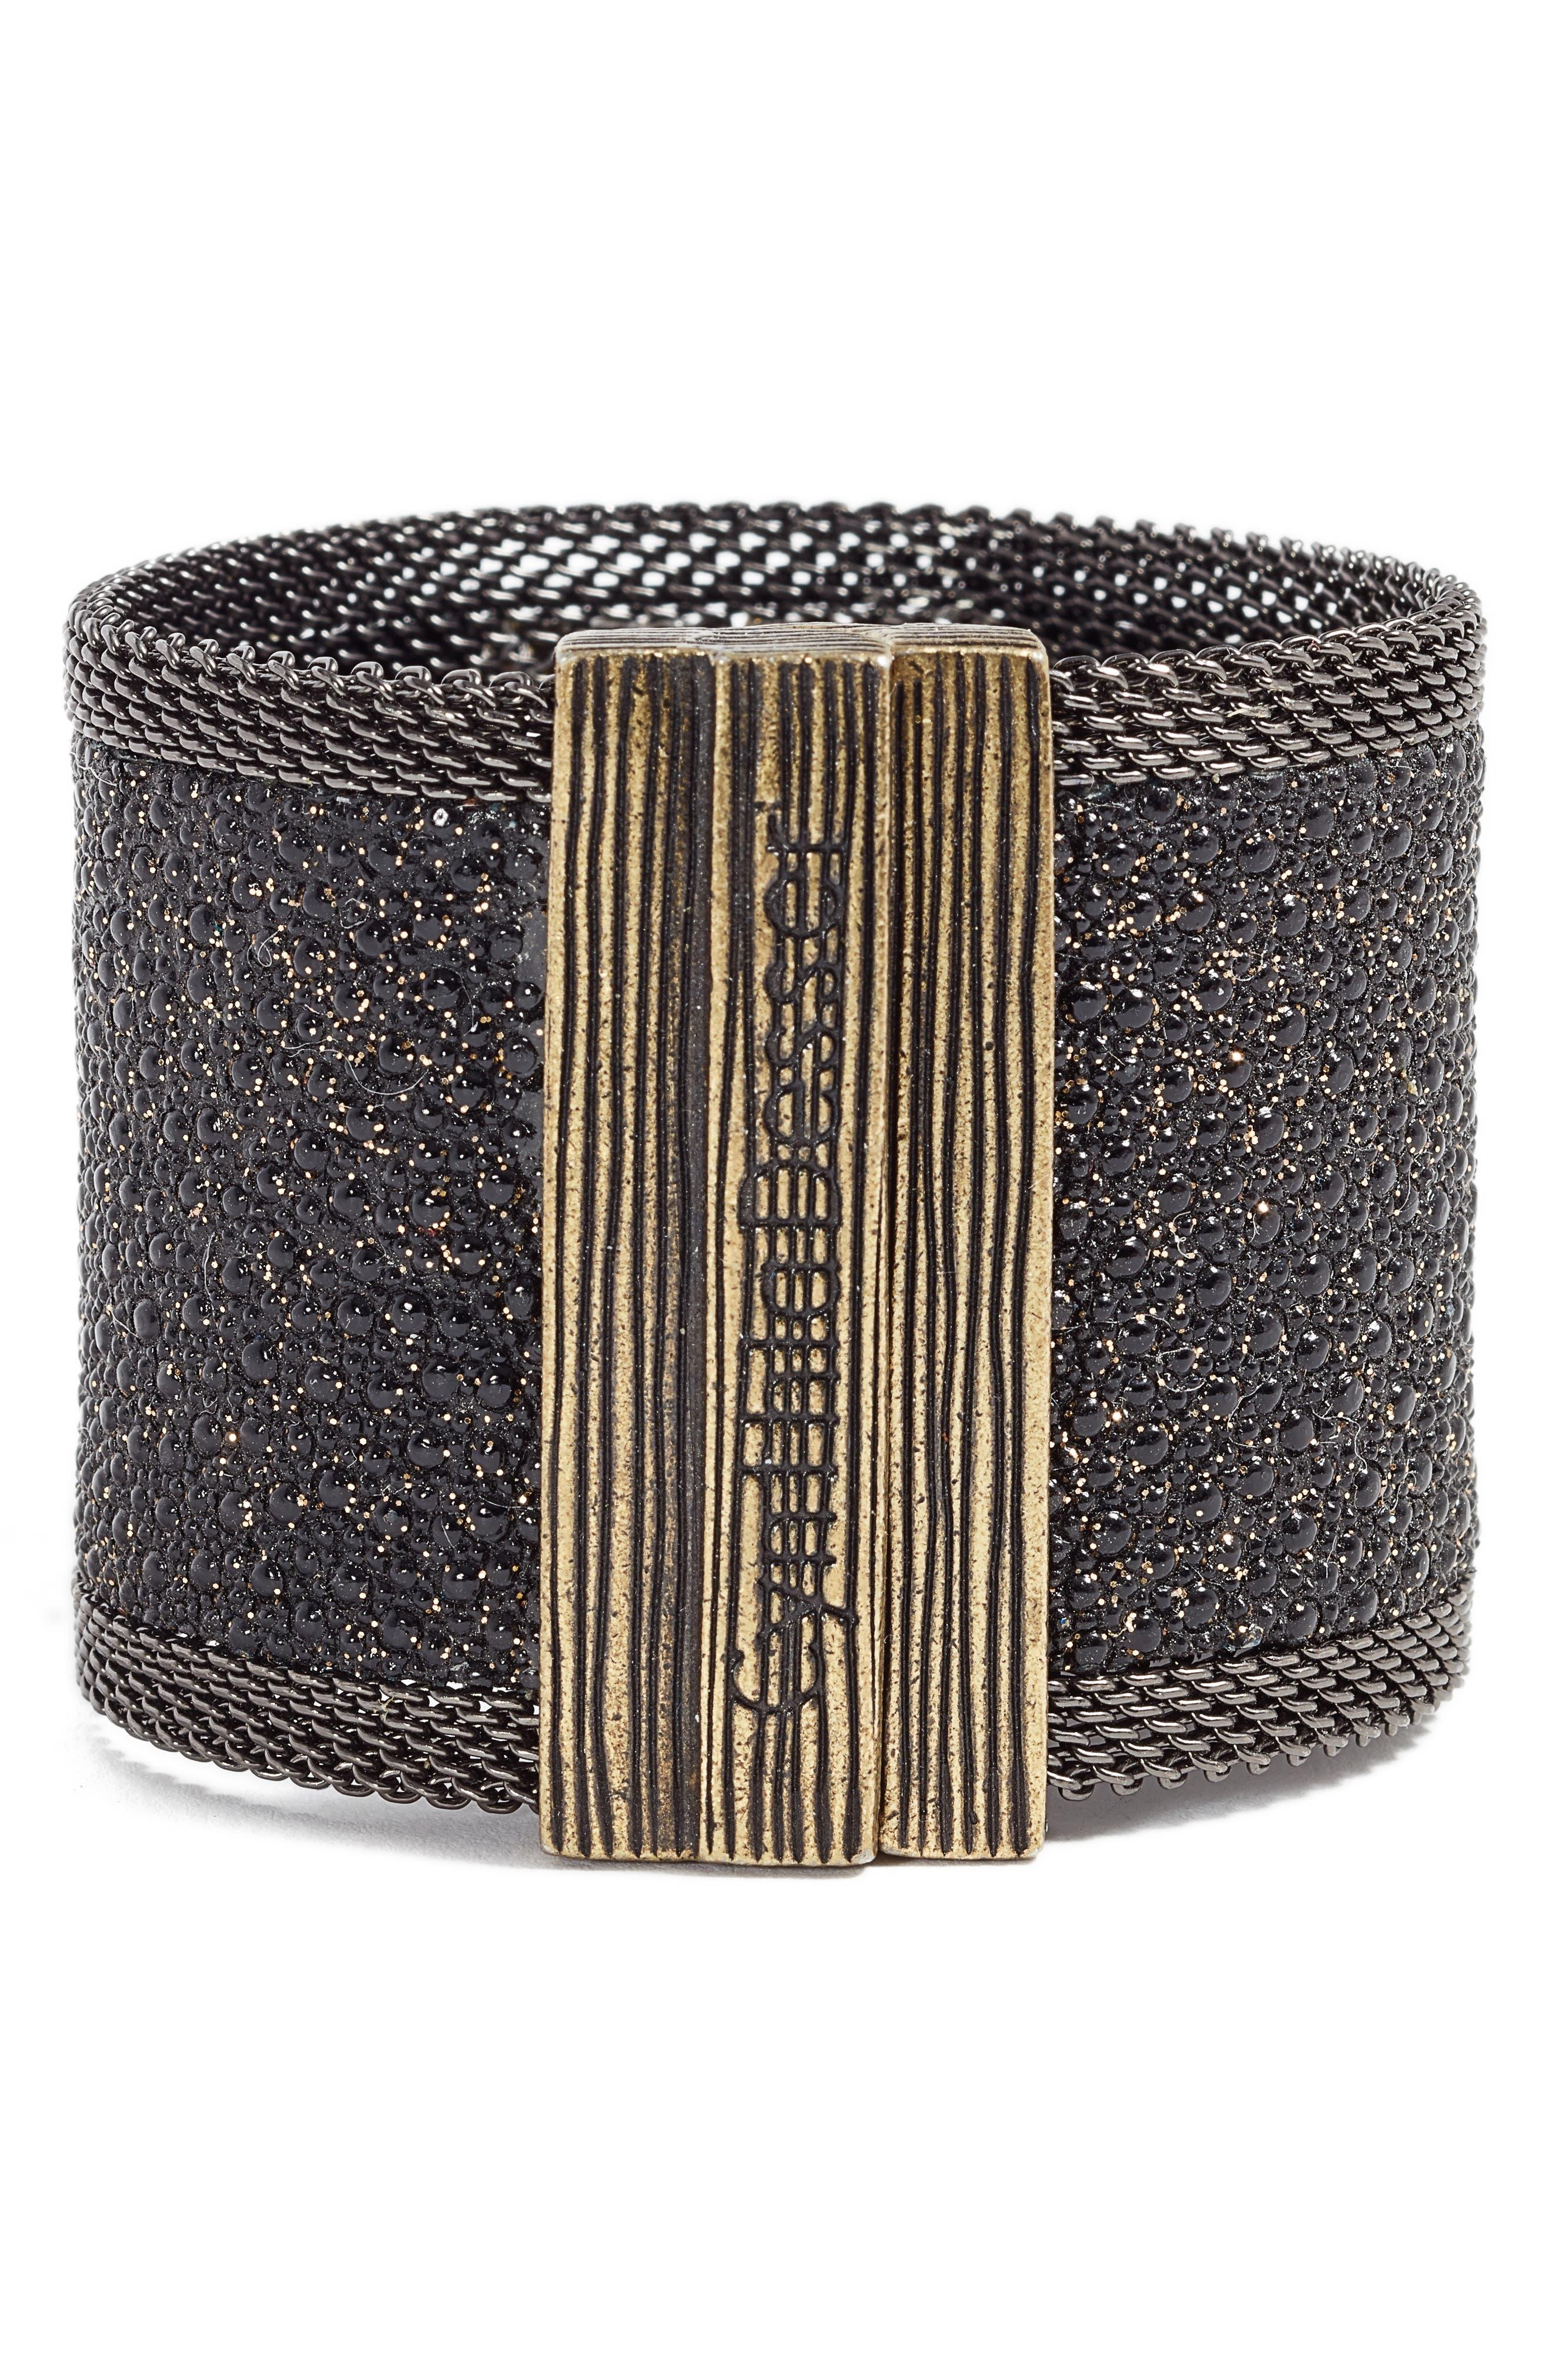 Wide Shimmer Stingray Bracelet,                             Alternate thumbnail 2, color,                             BLACK/ GOLD/ GUNMETAL